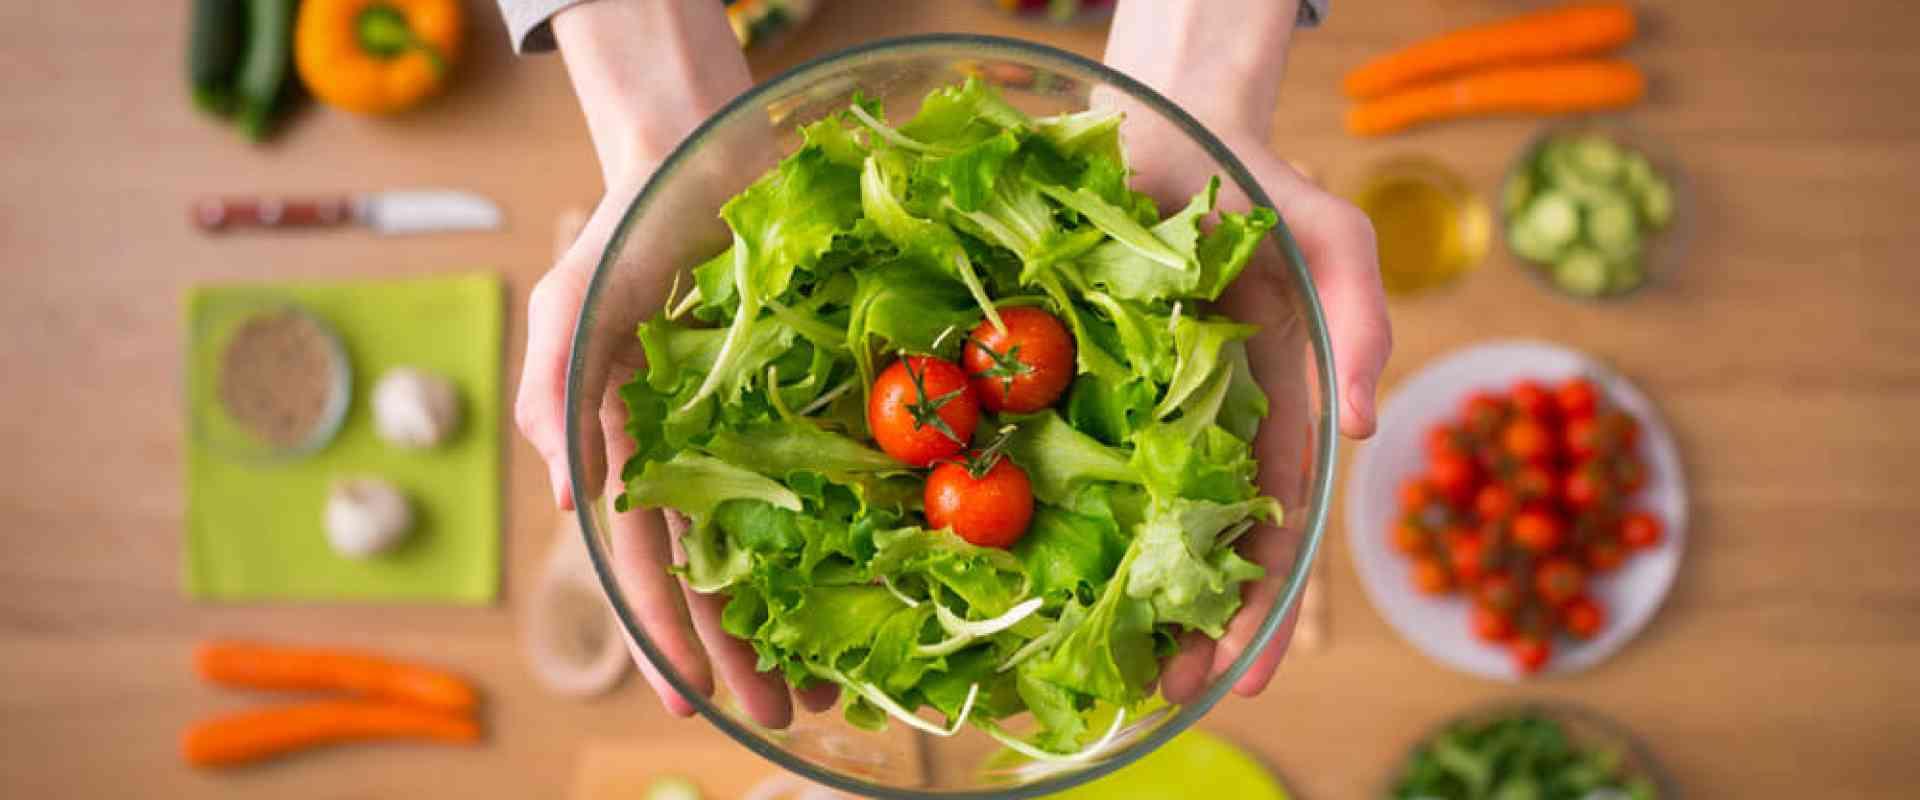 Comida Congelada Ajuda na Dieta